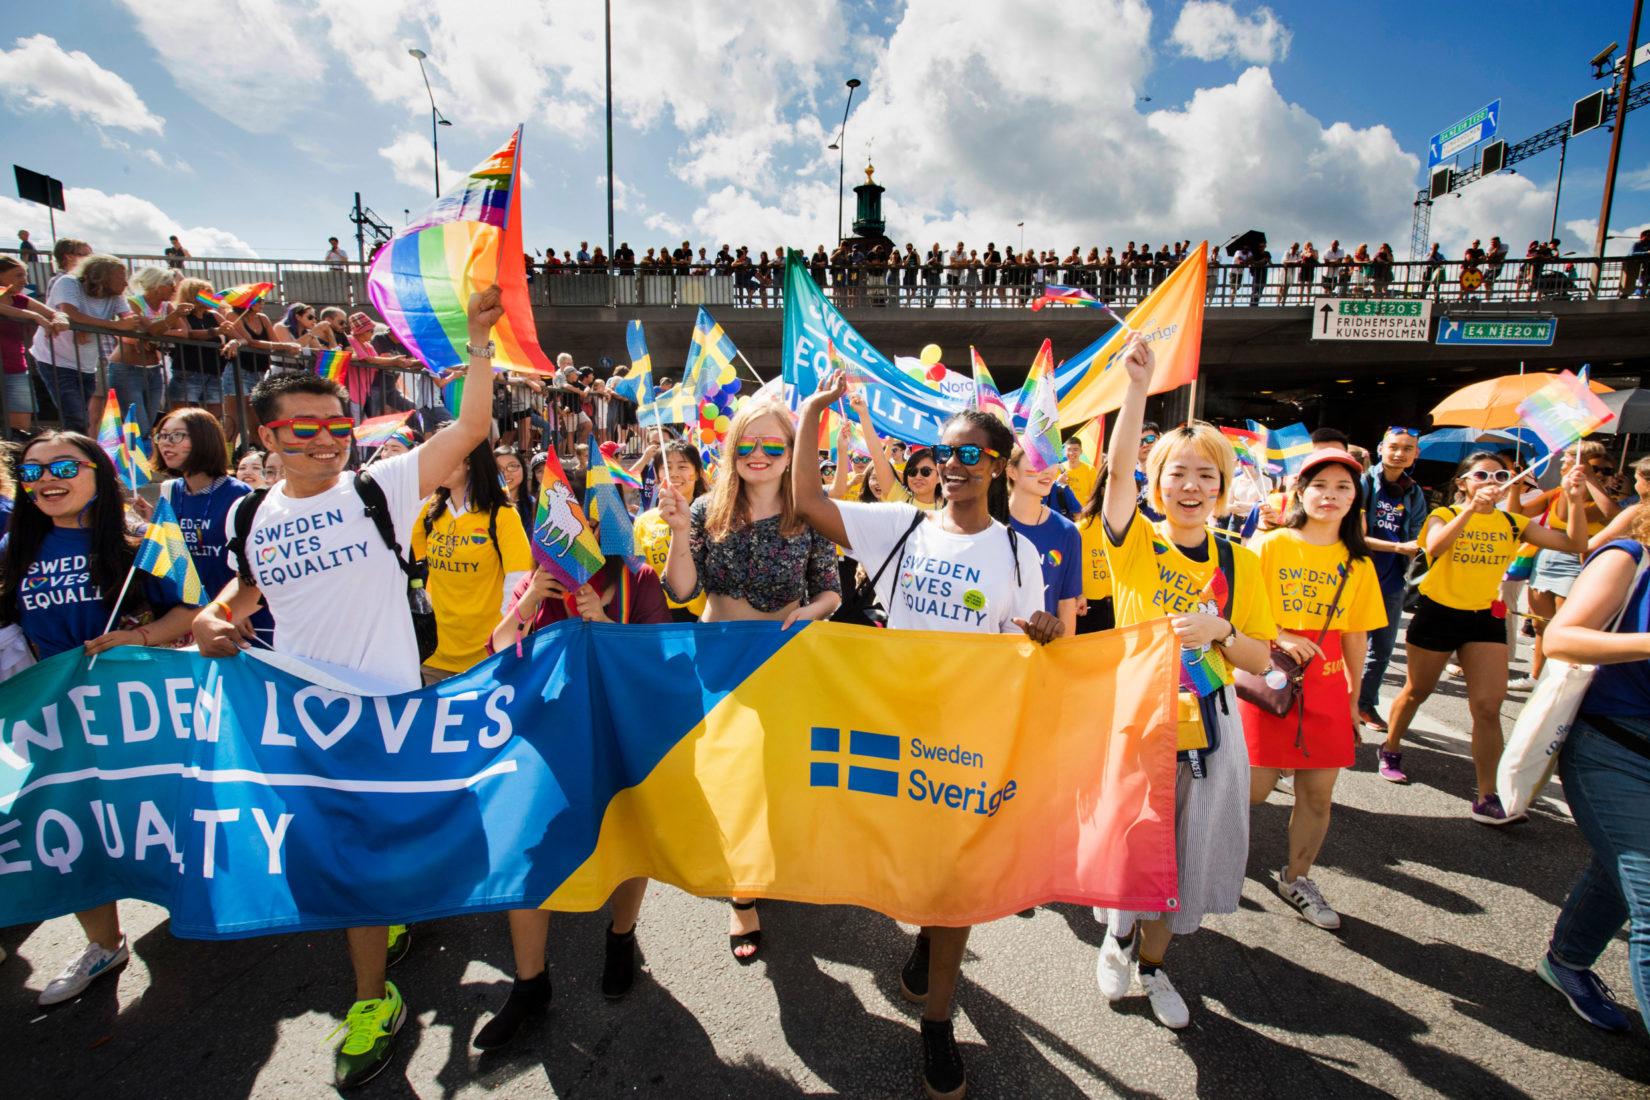 Grupp av människor med regnbågsfärgade banderoller deltar i parad.